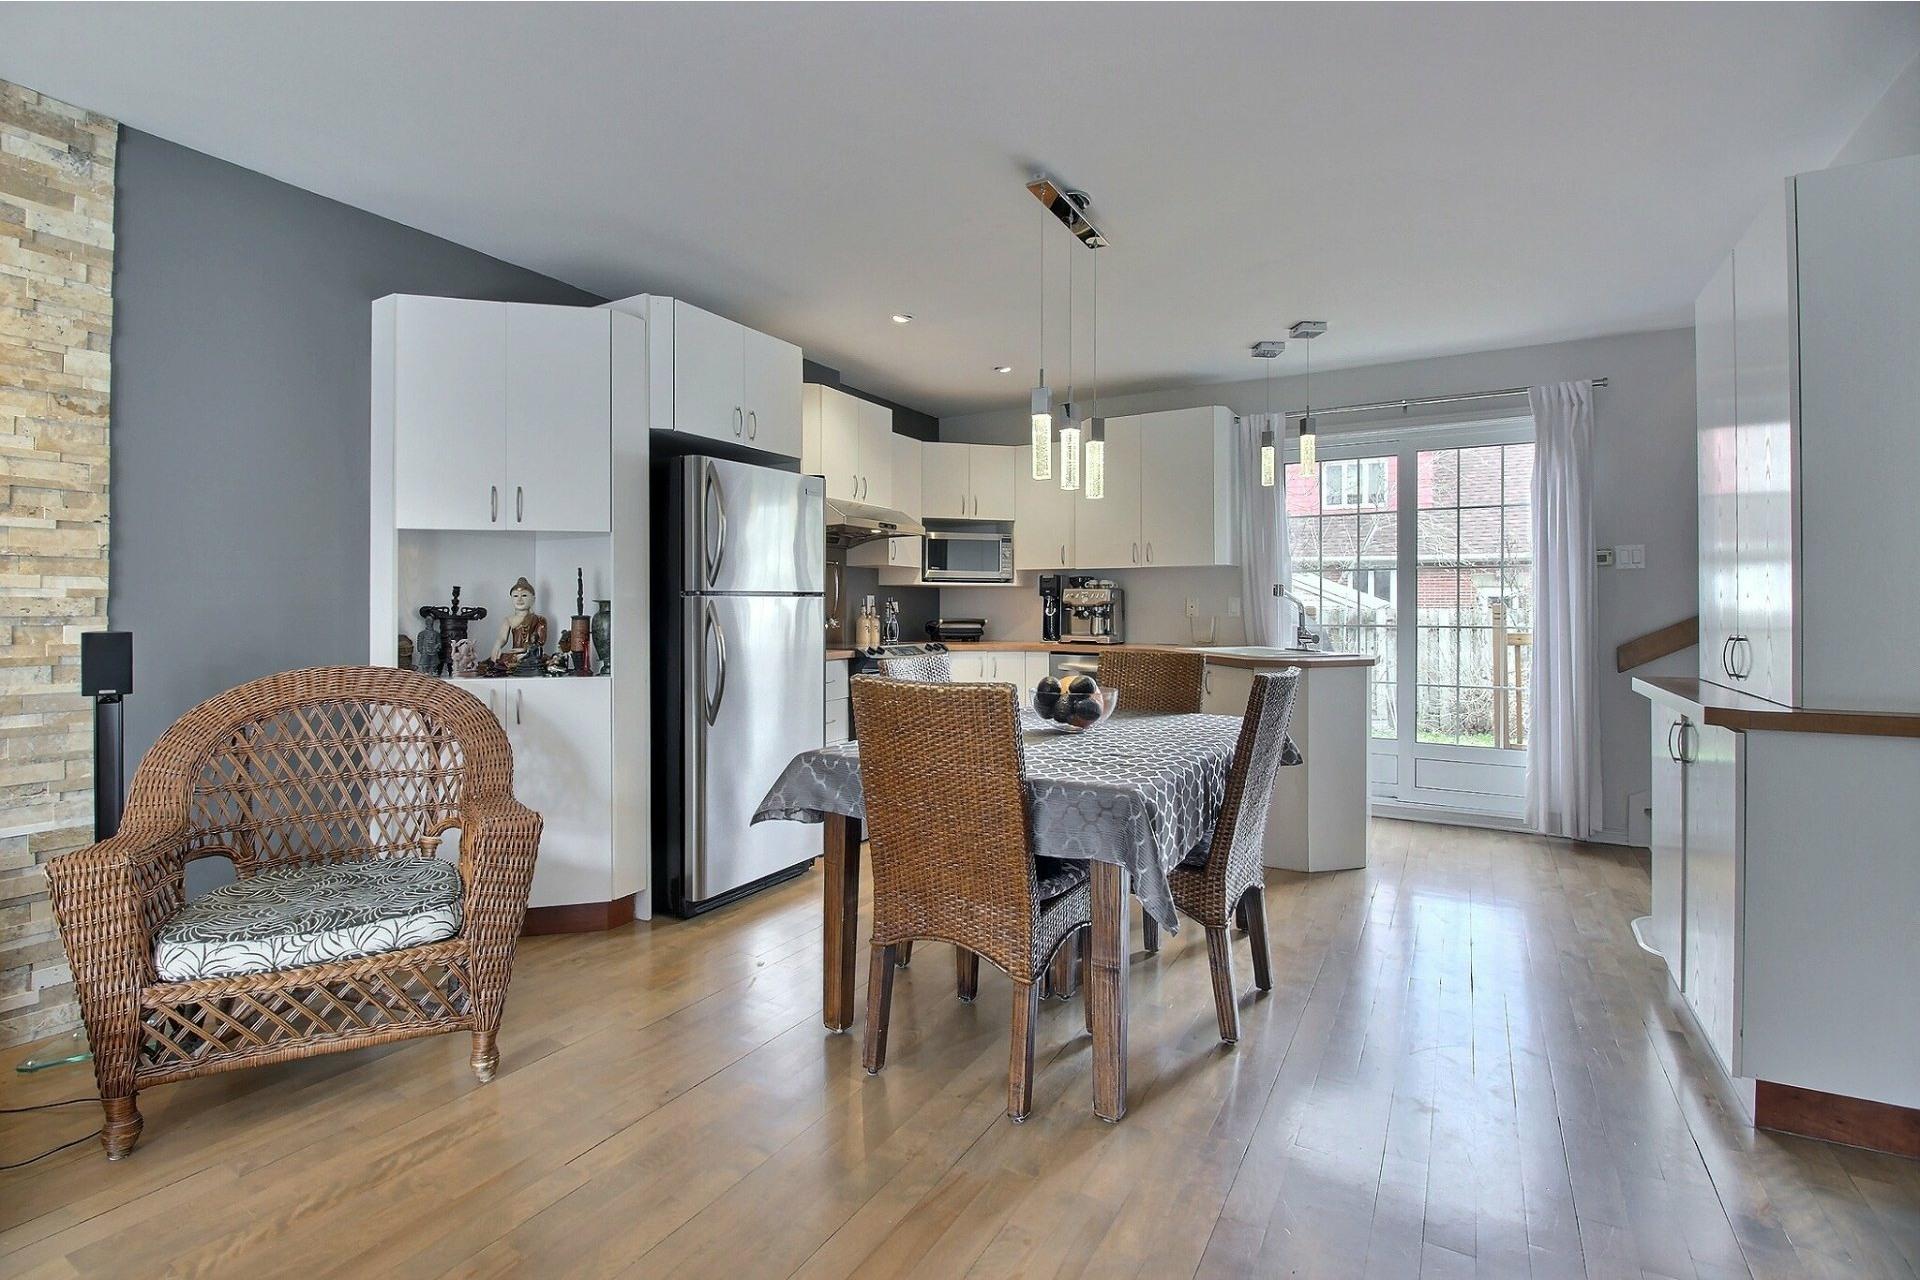 image 5 - House For sale Mercier/Hochelaga-Maisonneuve Montréal  - 7 rooms